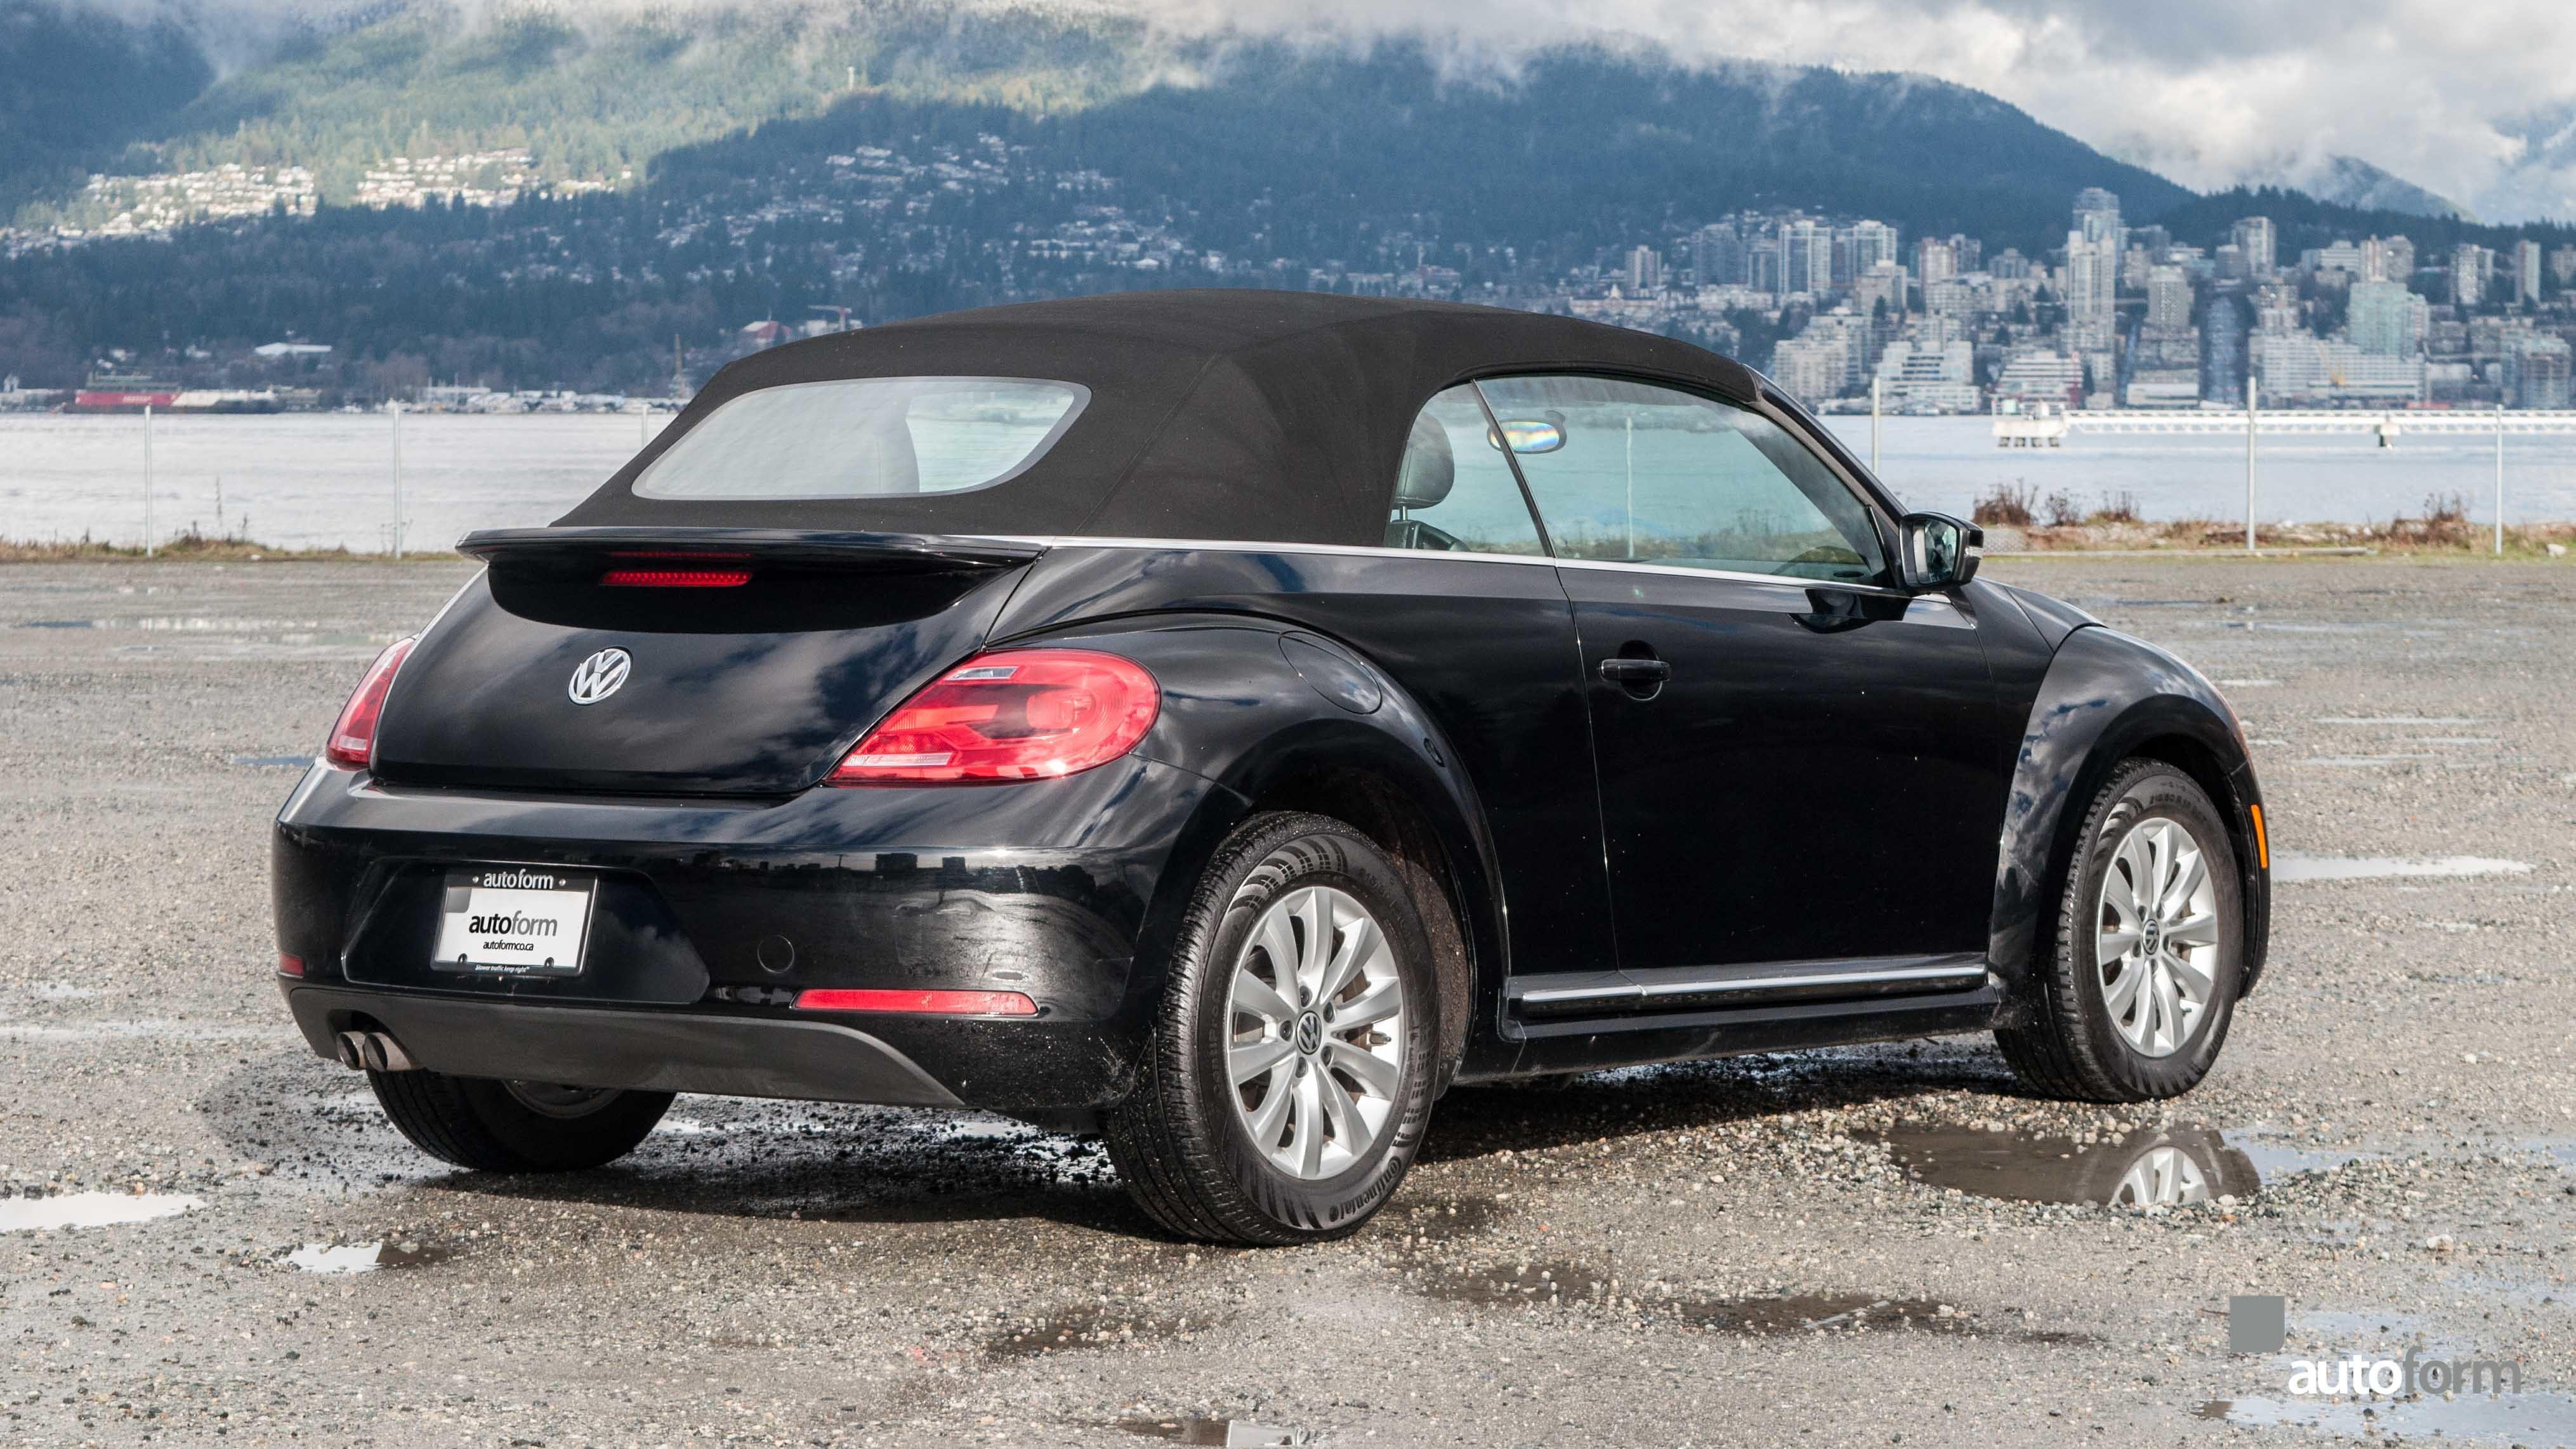 convertible denim com inspirationseek volkswagen images beetle